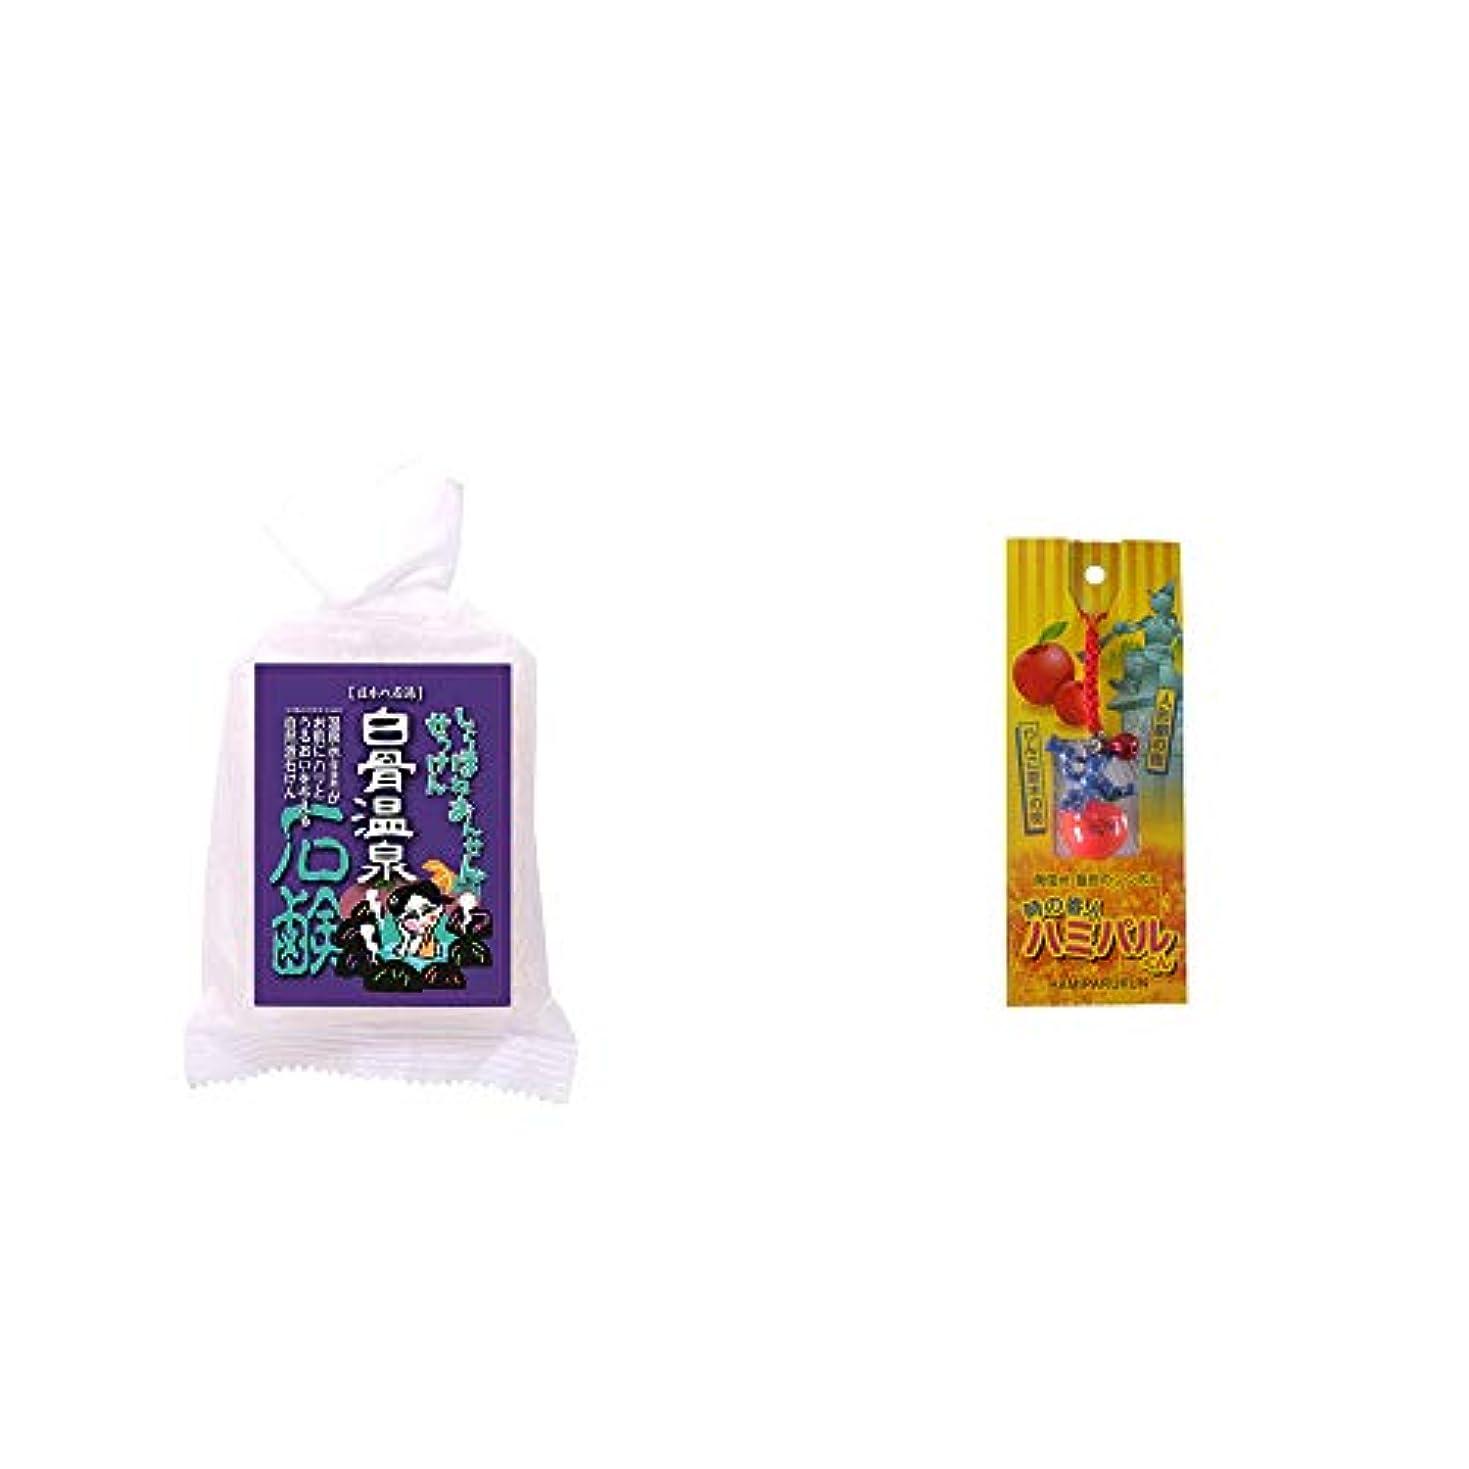 [2点セット] 信州 白骨温泉石鹸(80g)?信州?飯田のシンボル 時の番人ハミパルくんストラップ